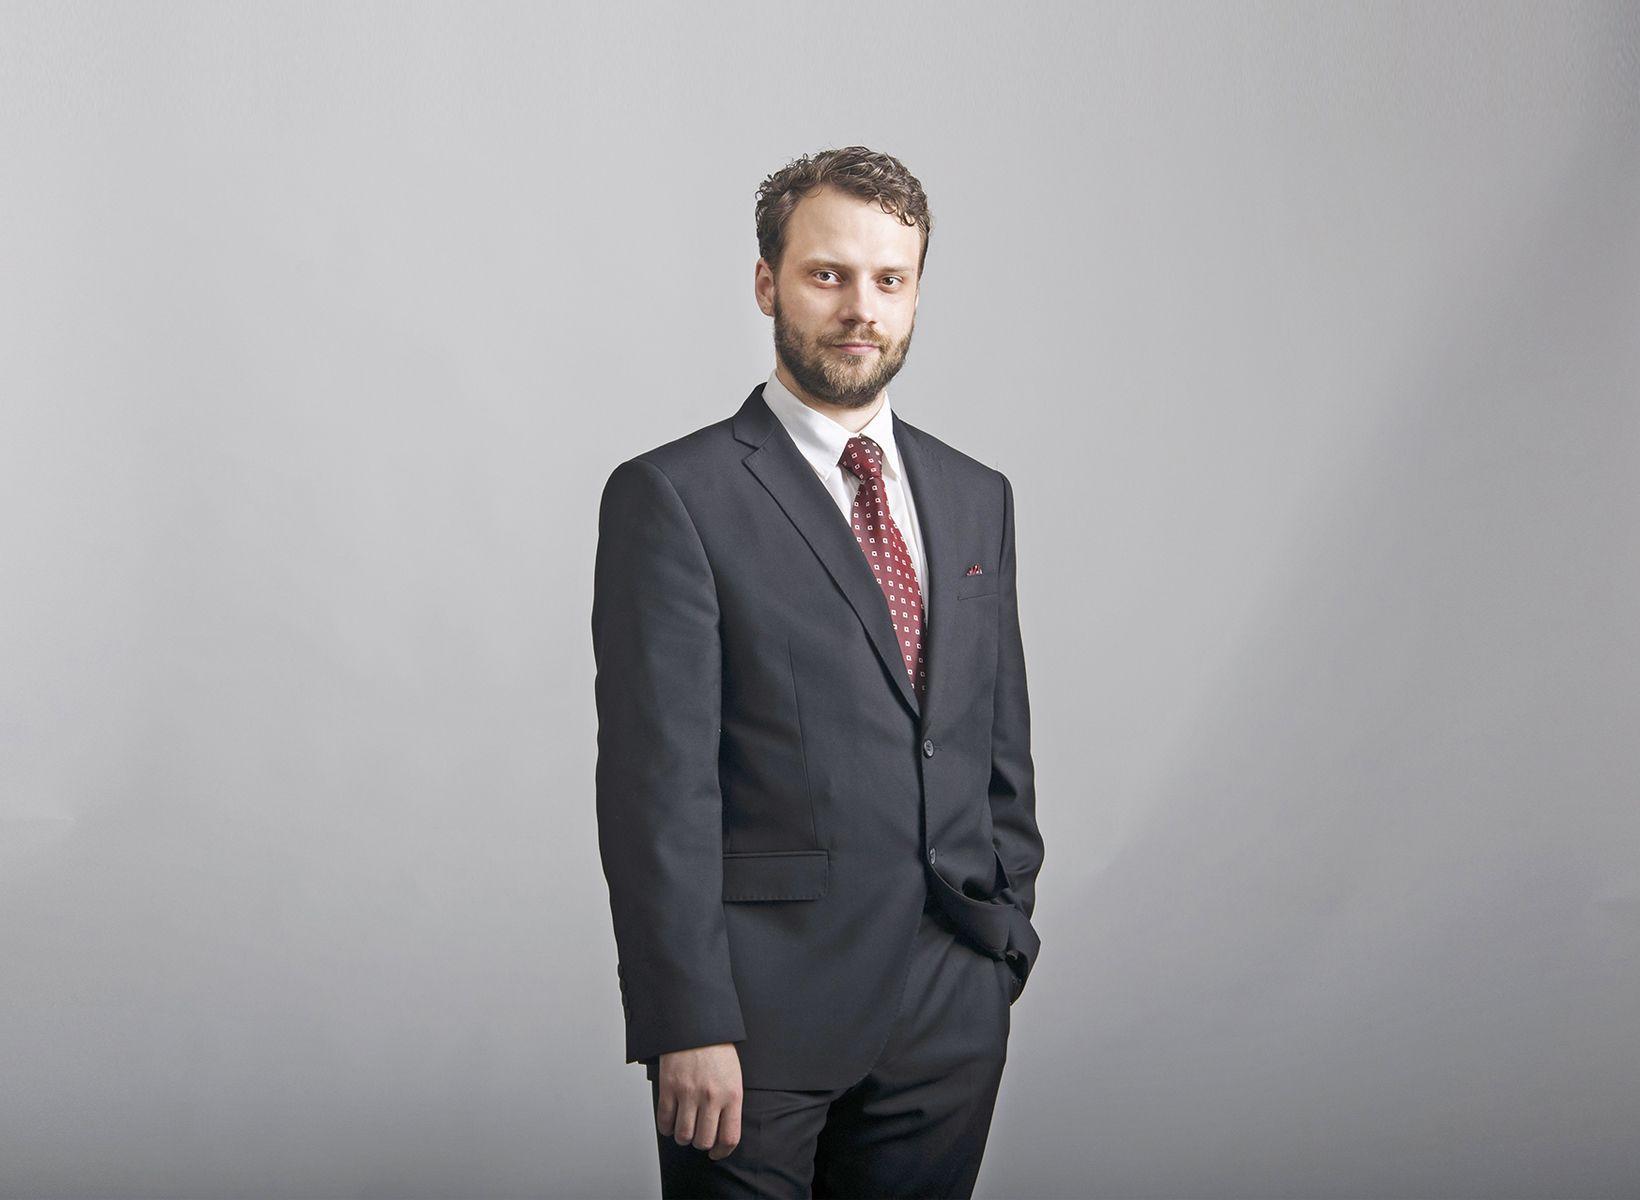 Доцент Института права ВГУЭС Александр Алексеенко вошел в состав Общественного совета при Минвостокразвития РФ